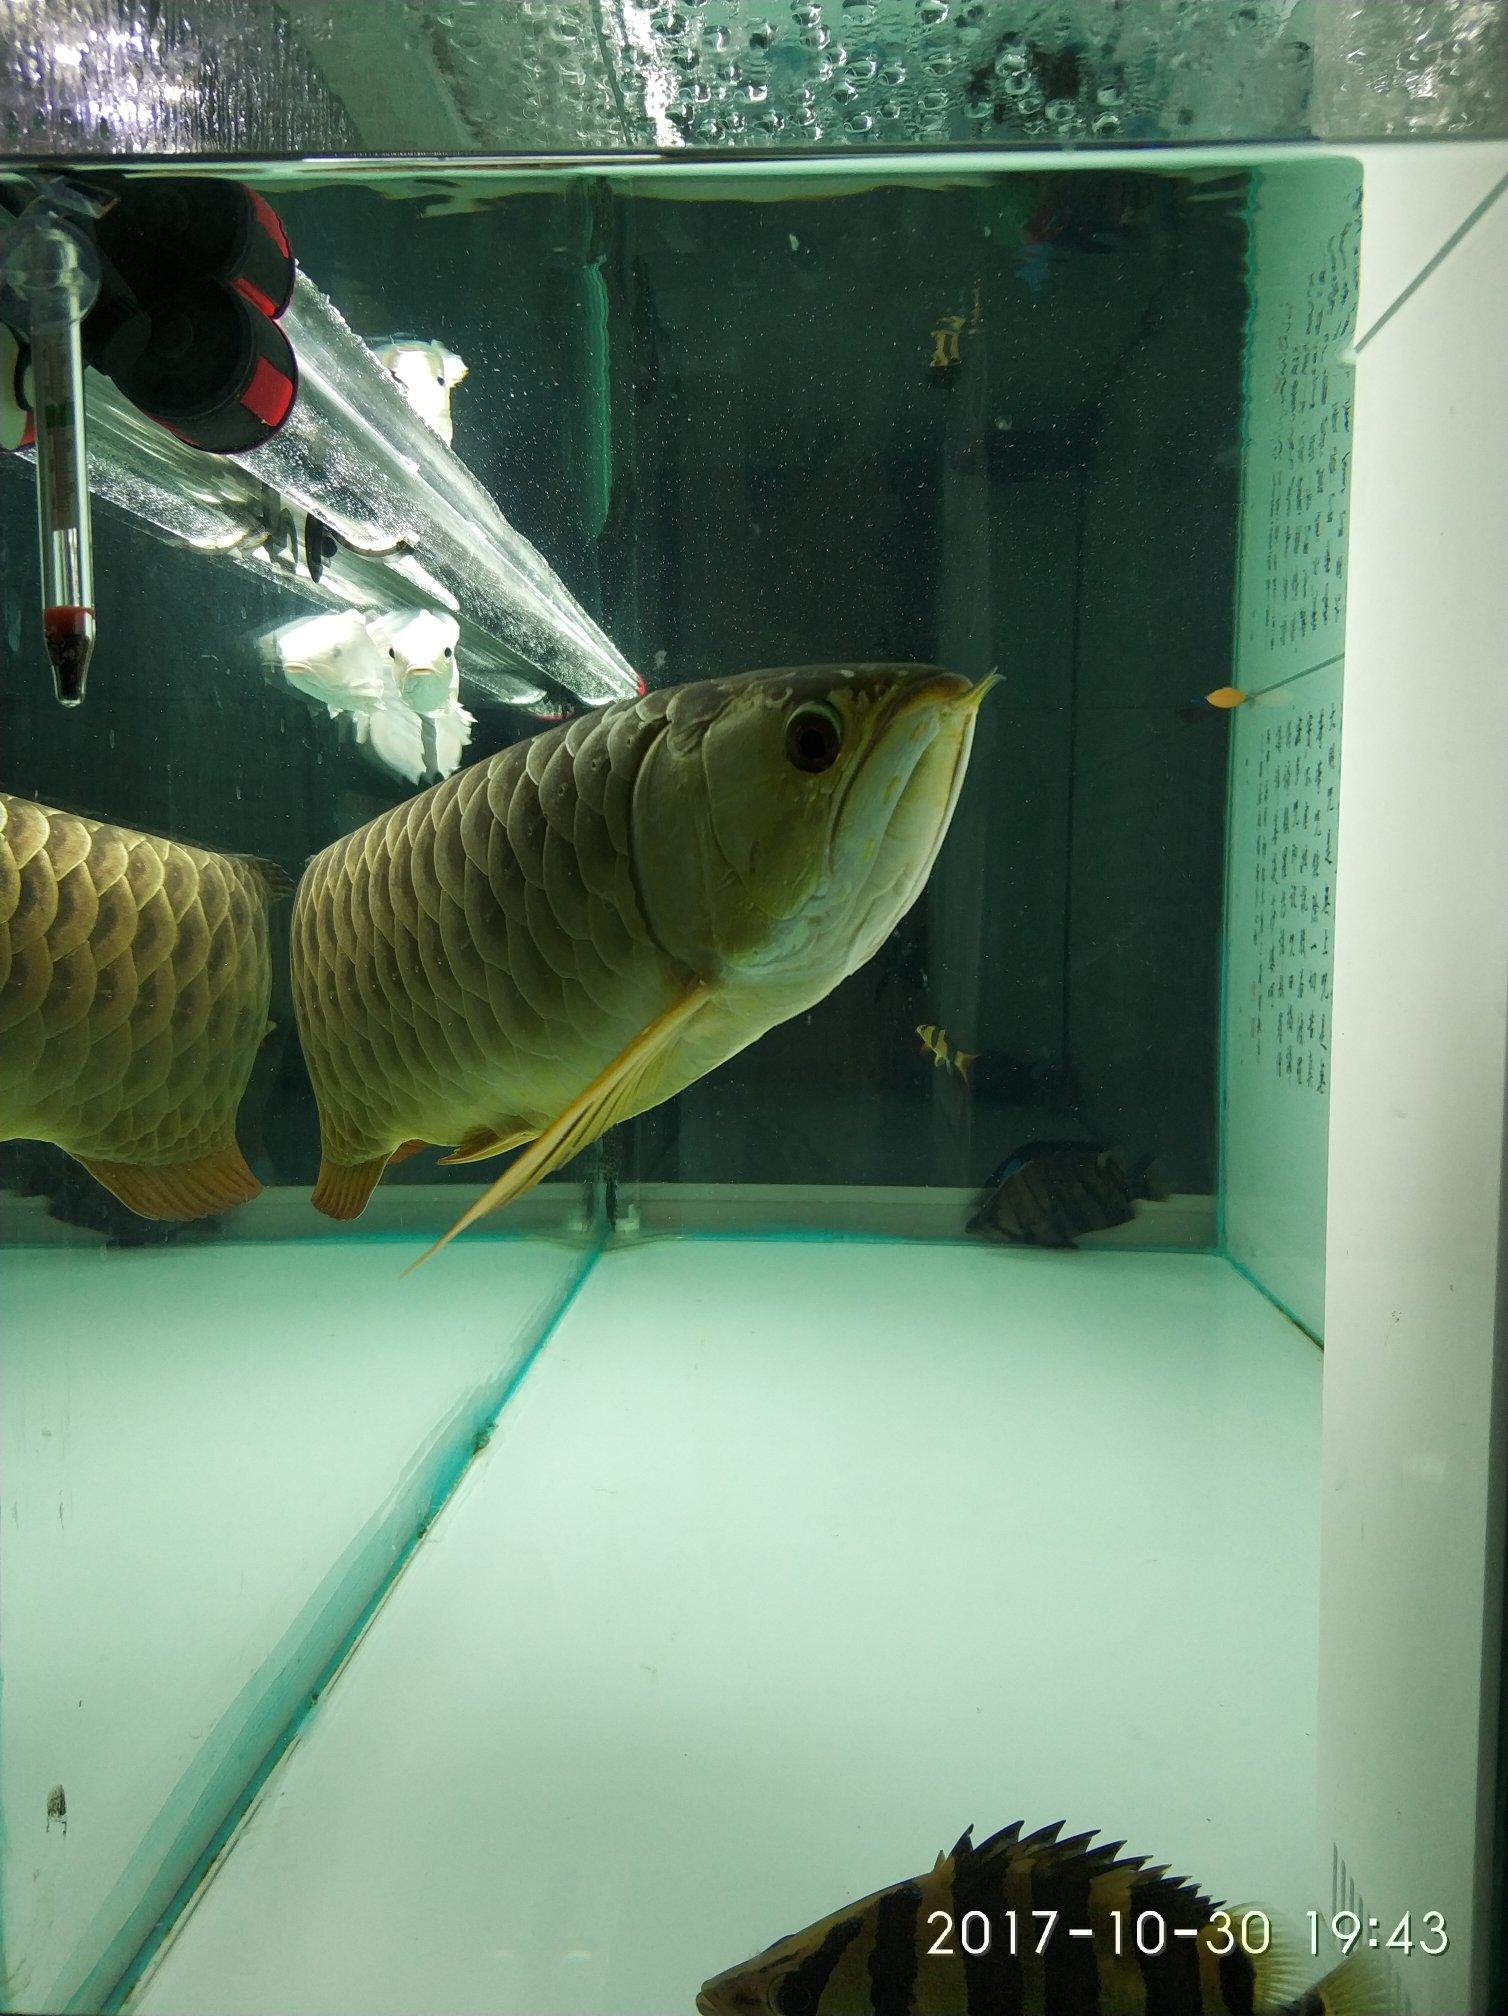 晒晒我的鱼们 西安观赏鱼信息 西安博特第4张